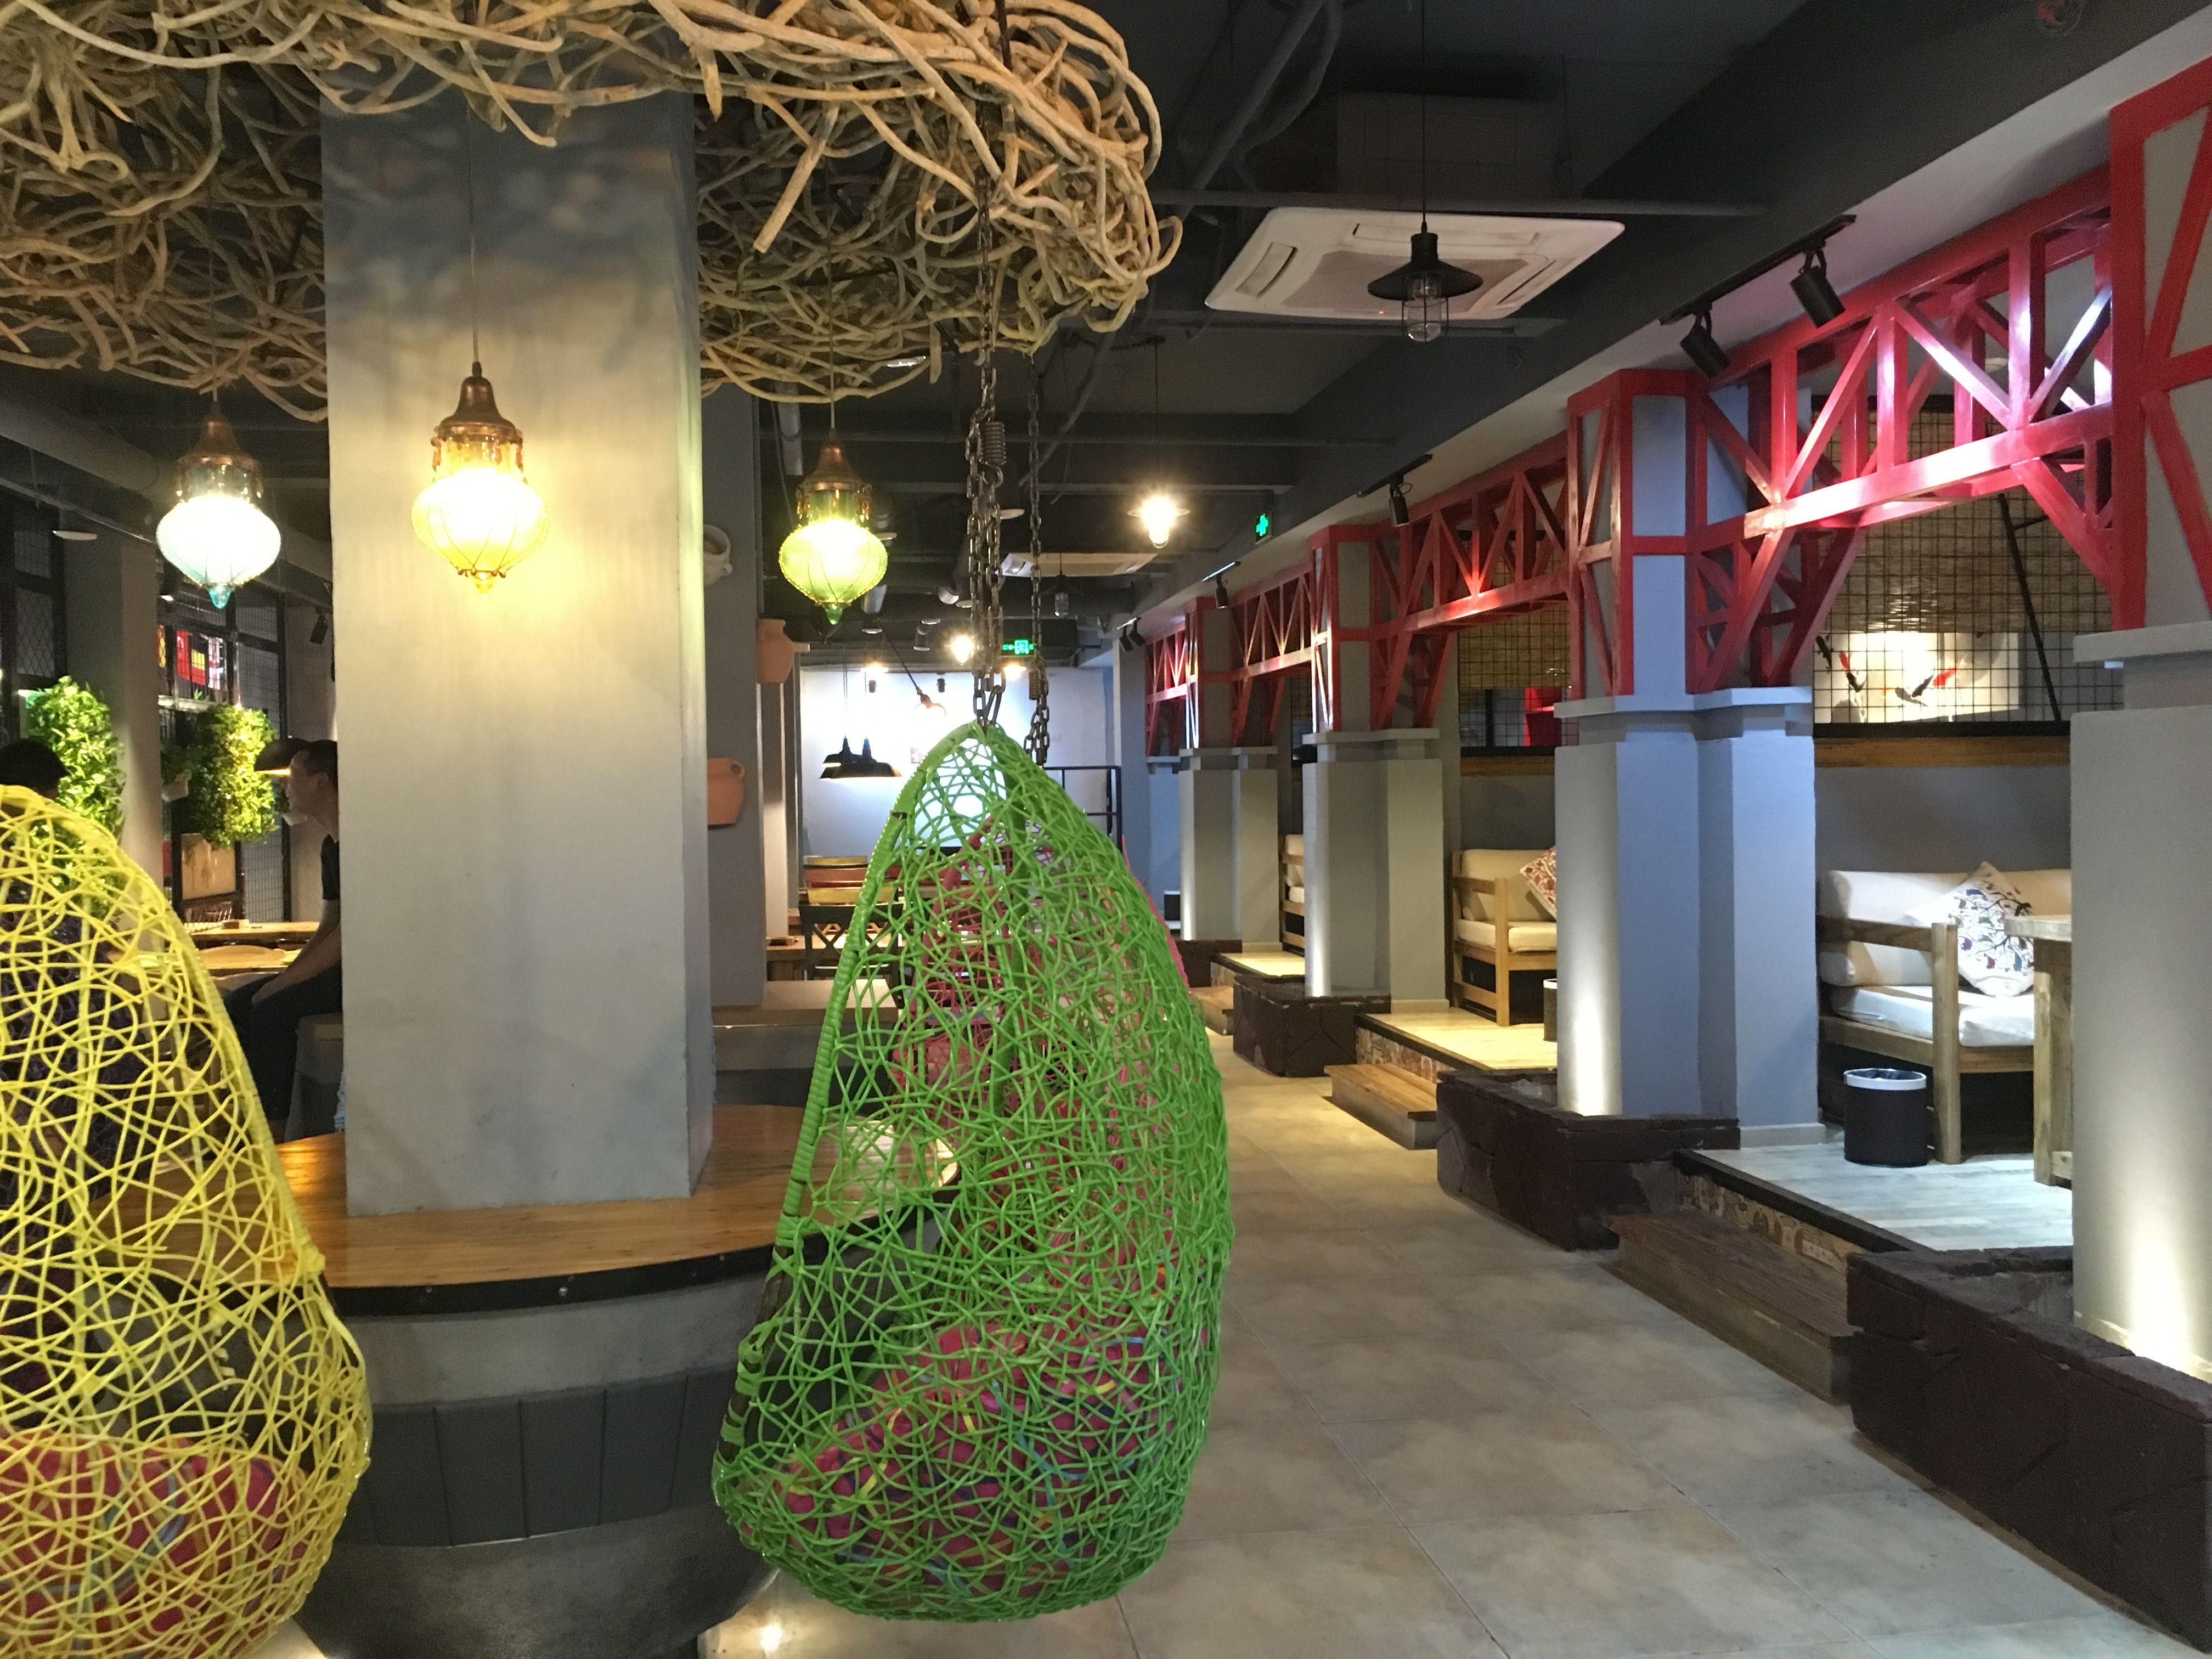 创客会所 - 餐饮空间 - 第4页 - 丁胜设计作品案例